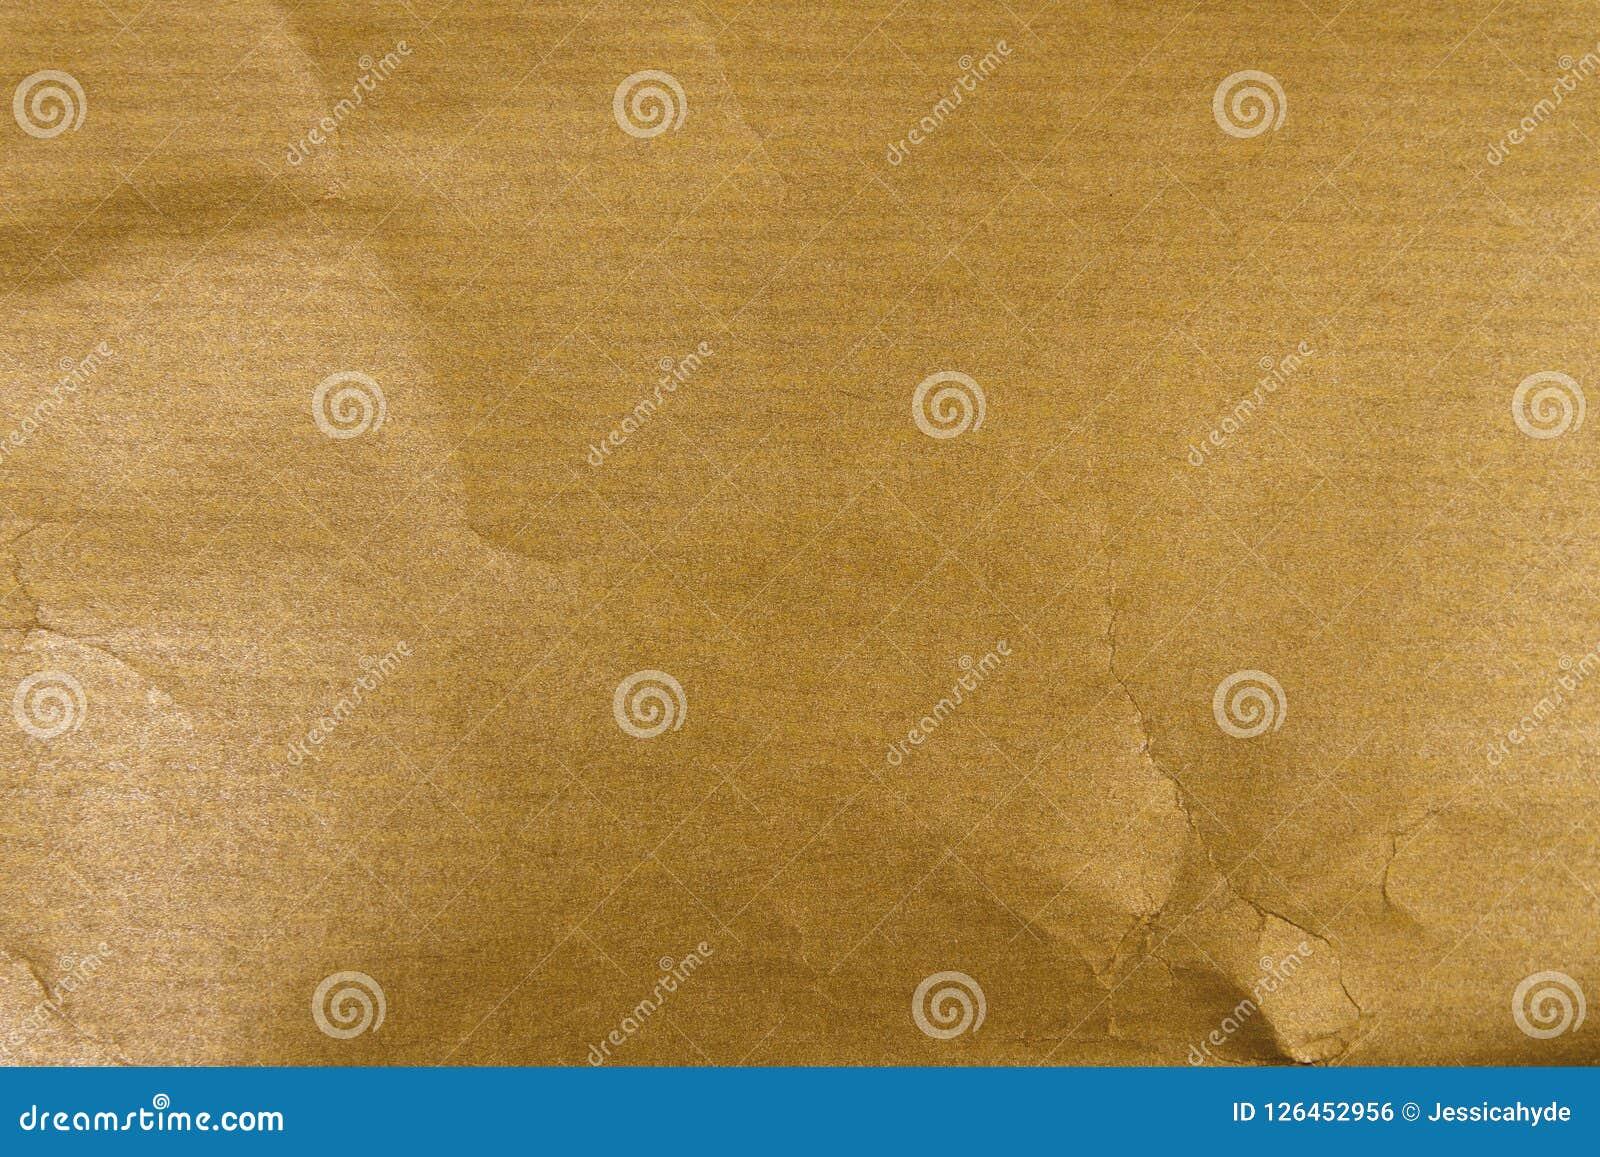 Papel de embalagem dourado